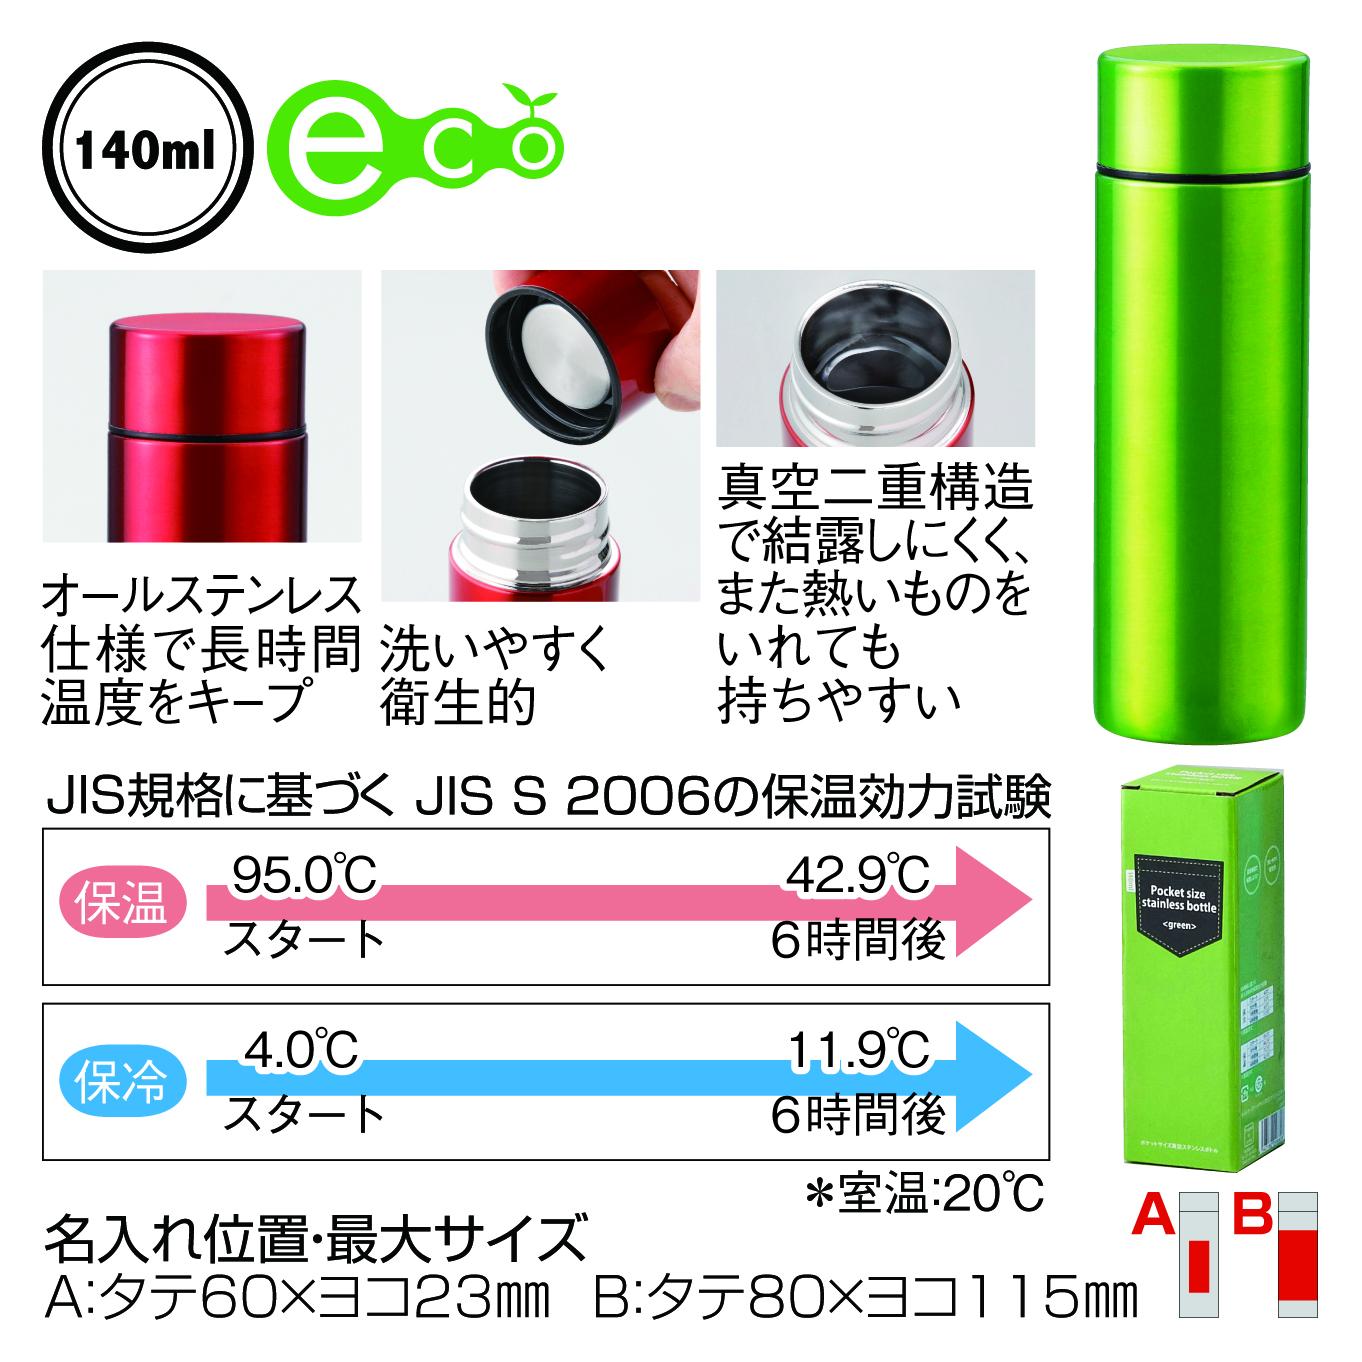 セルトナ・ポケットサイズ真空ステンレスボトル(グリーン)